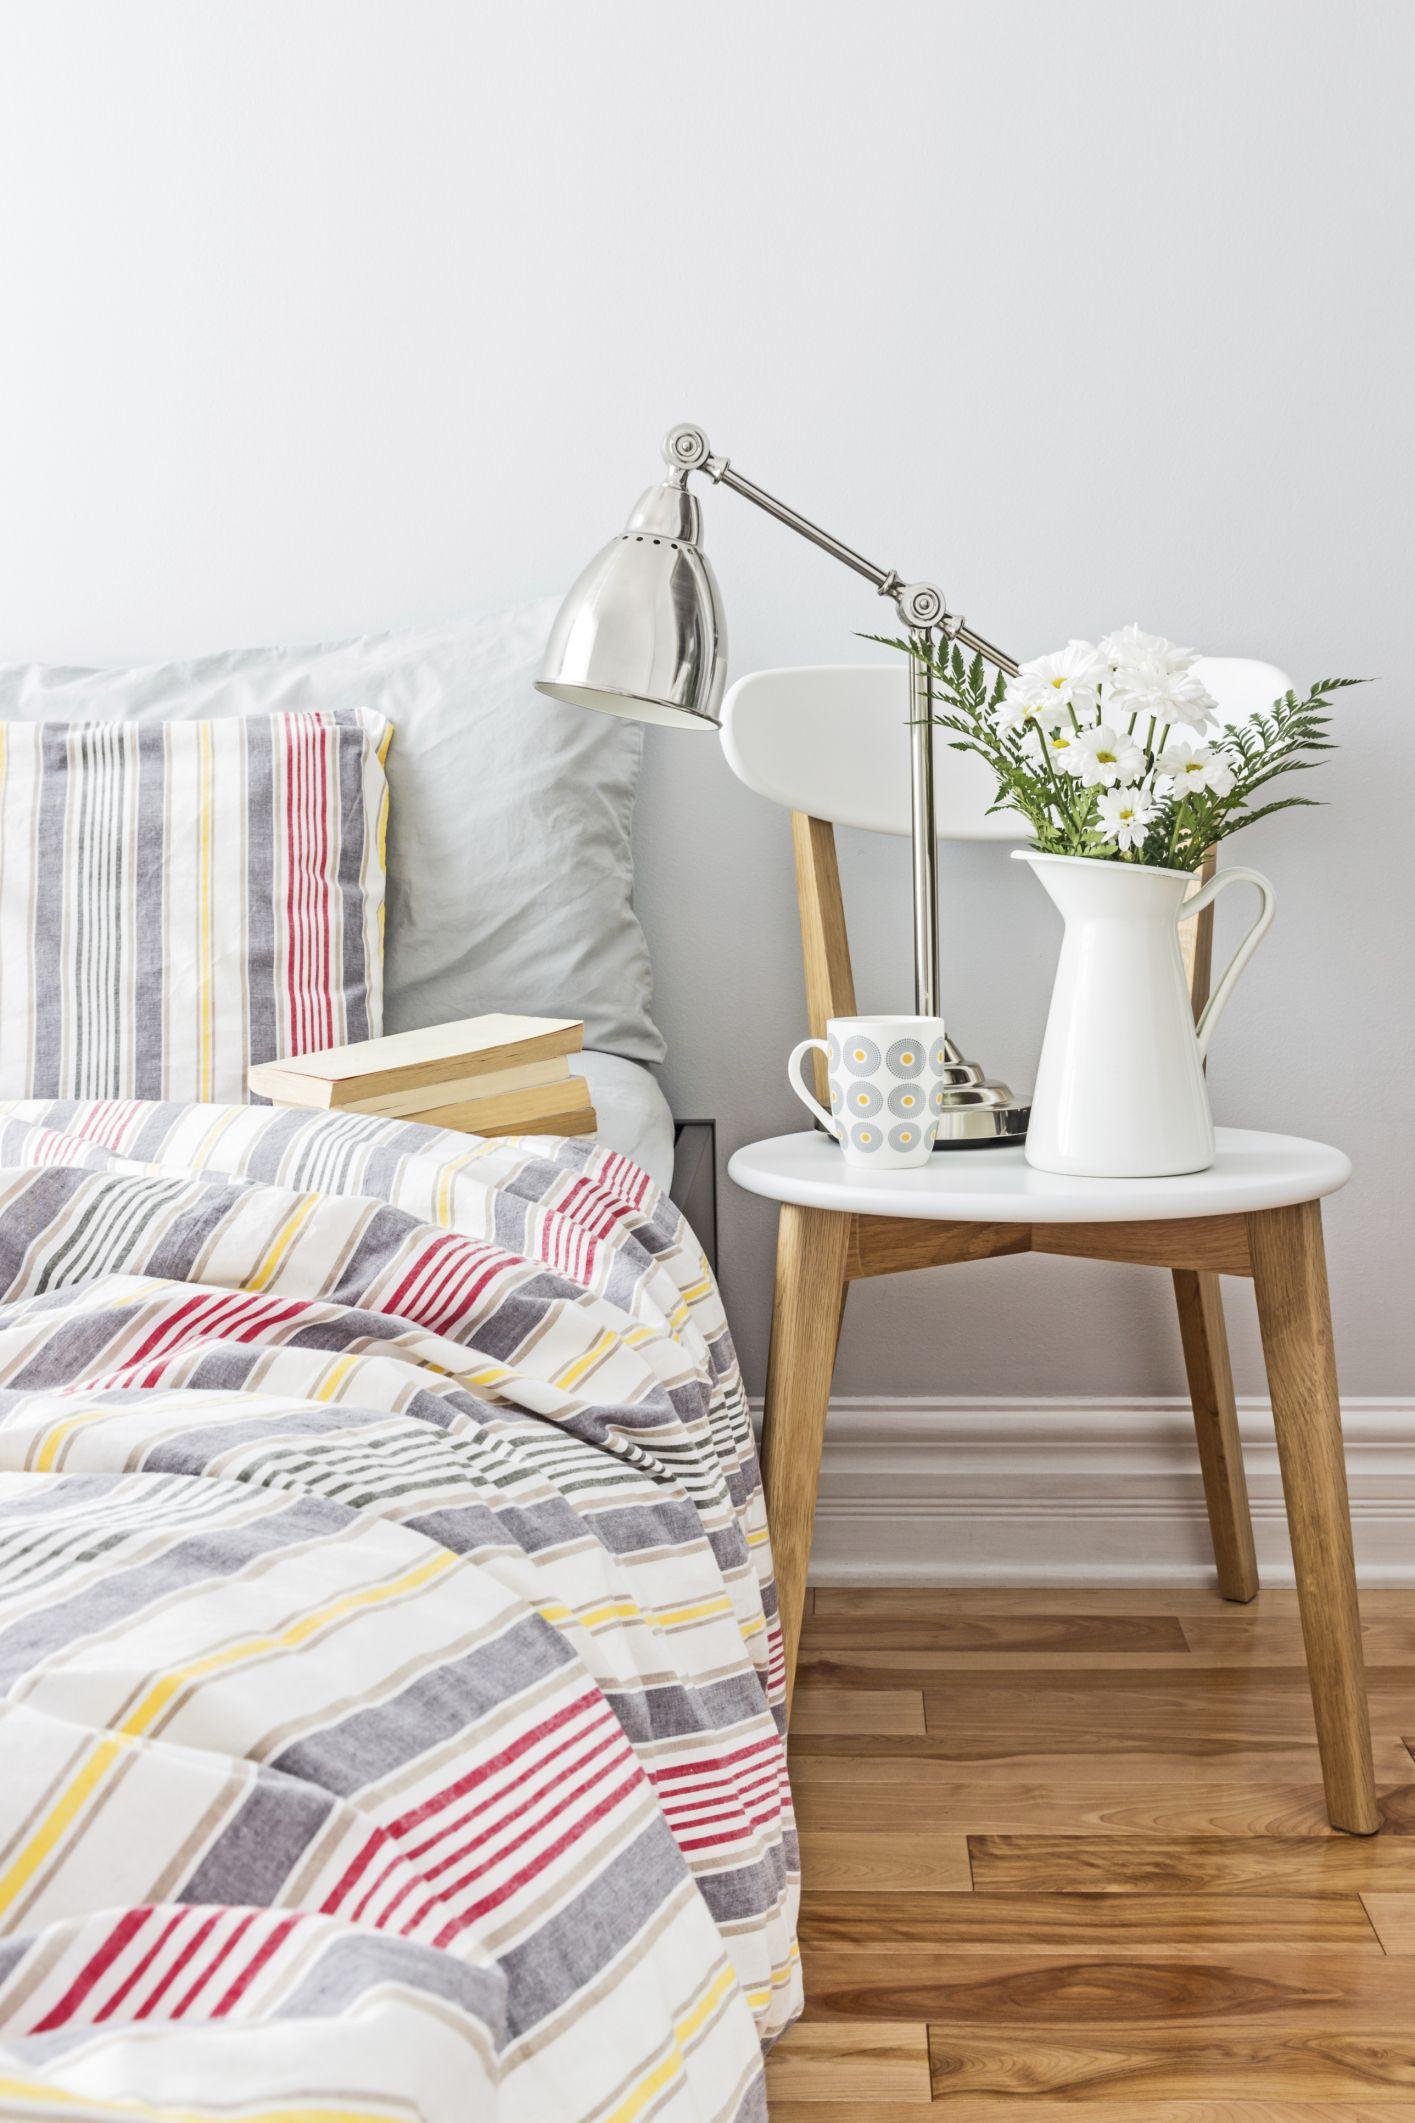 décorer la chambre de style nordique - chaises